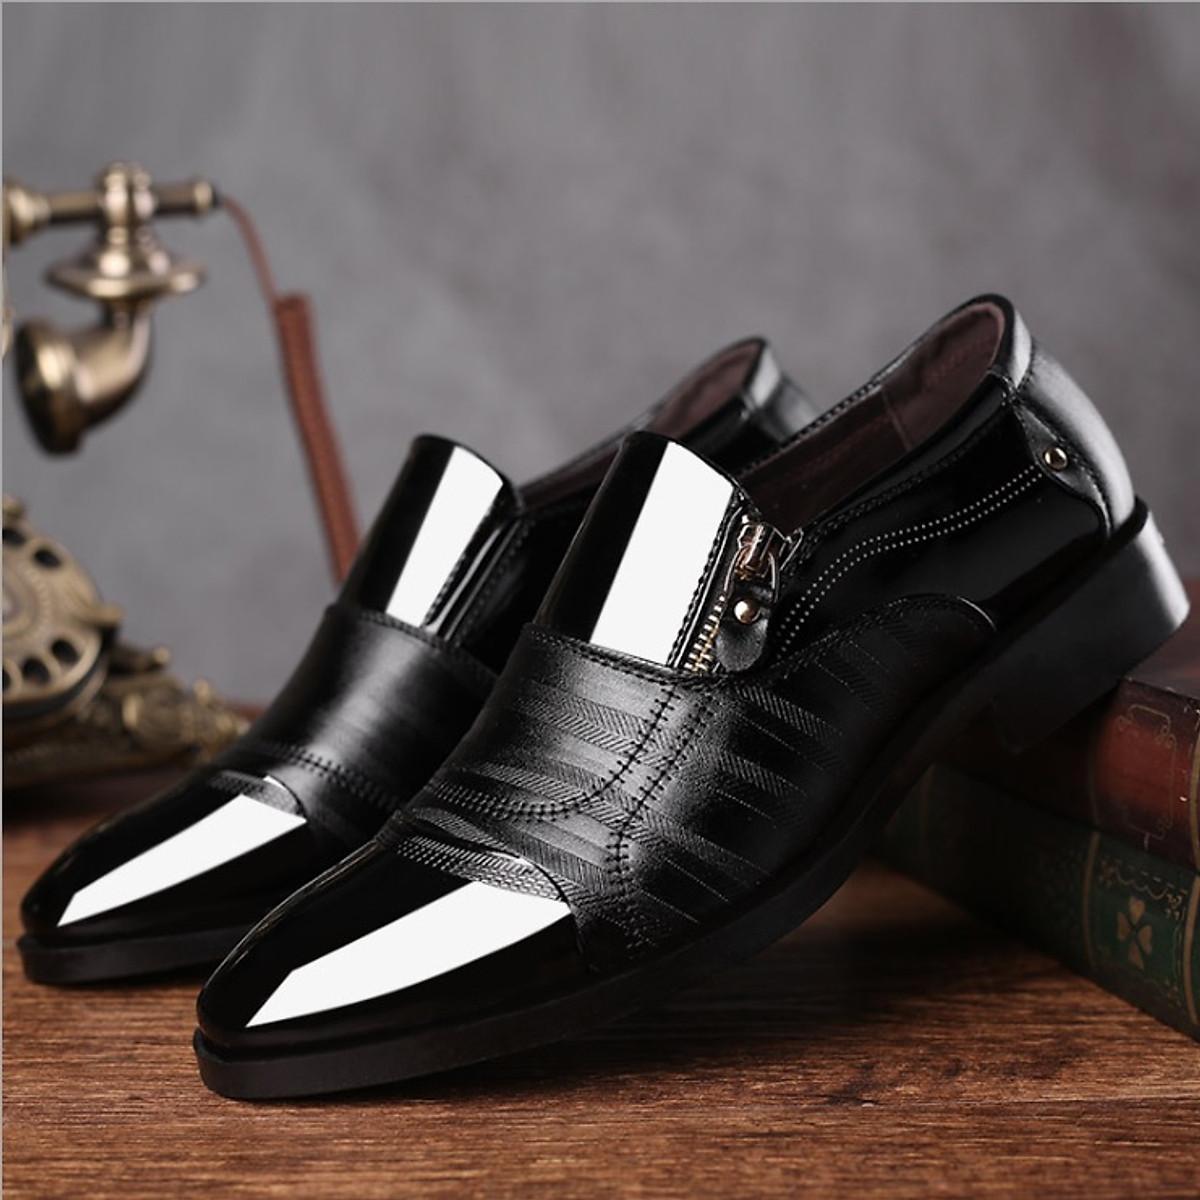 Giày tây nam công sở M07 - phong cách lịch lãm sang trọng.